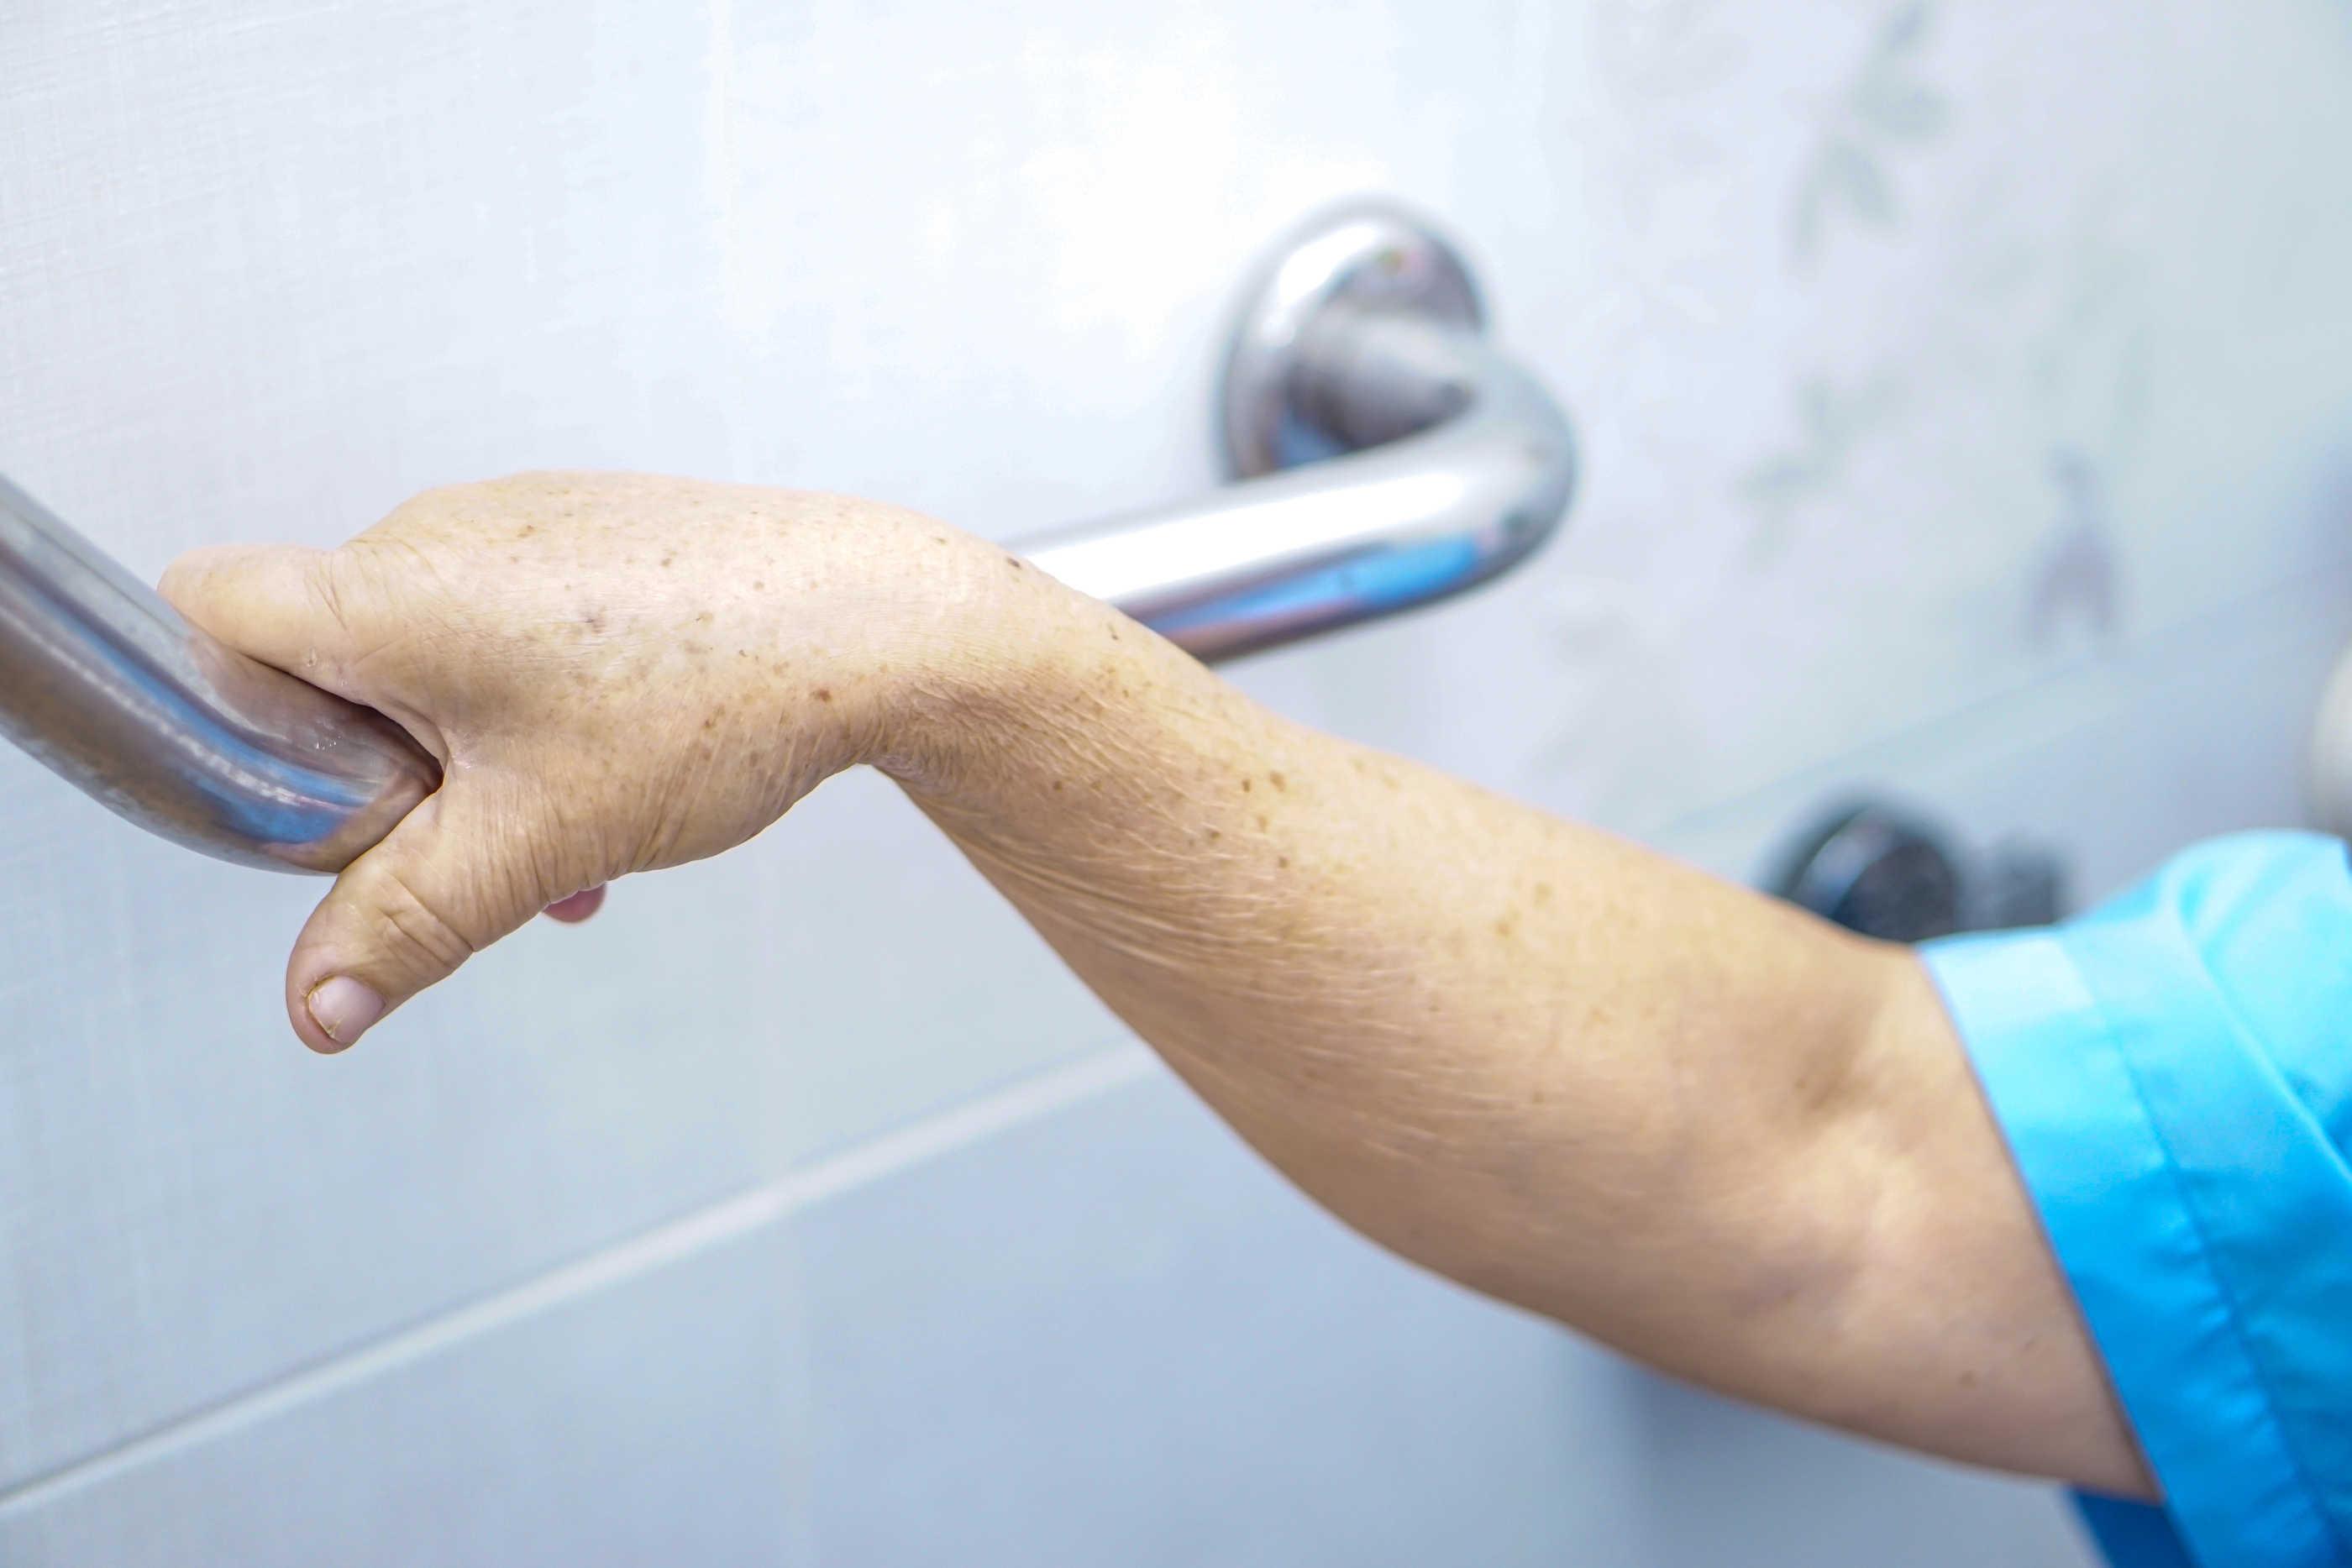 Prévention des chutes dans la salle de bain - Espace Médic